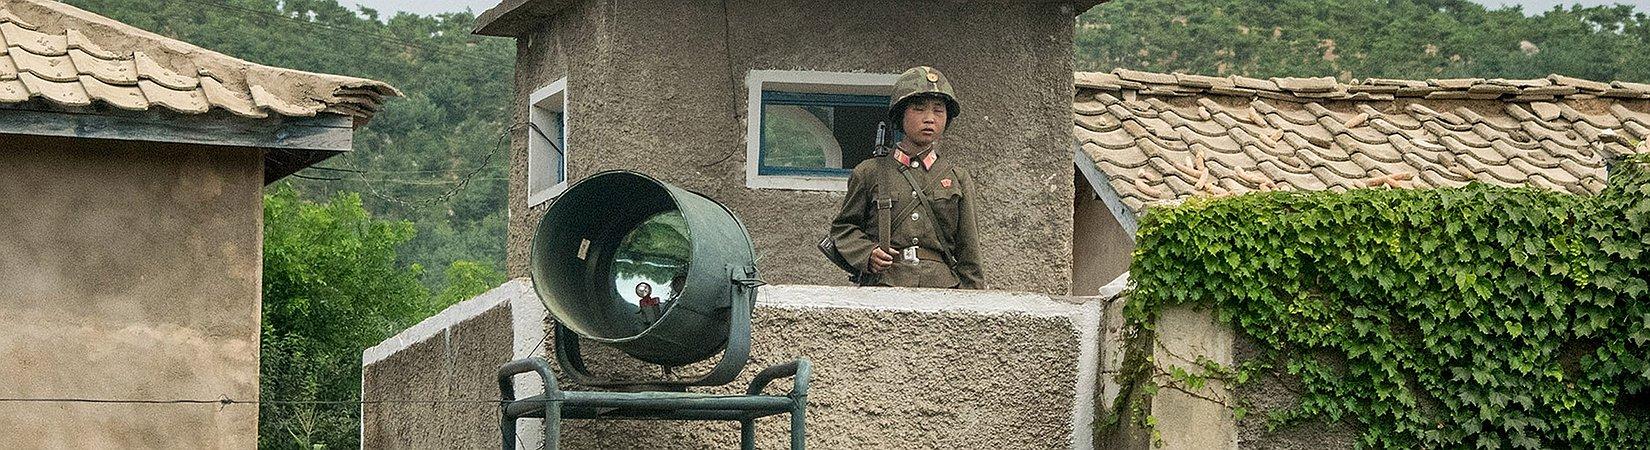 Fotografias: como vivem as pessoas comuns na Coreia do Norte?